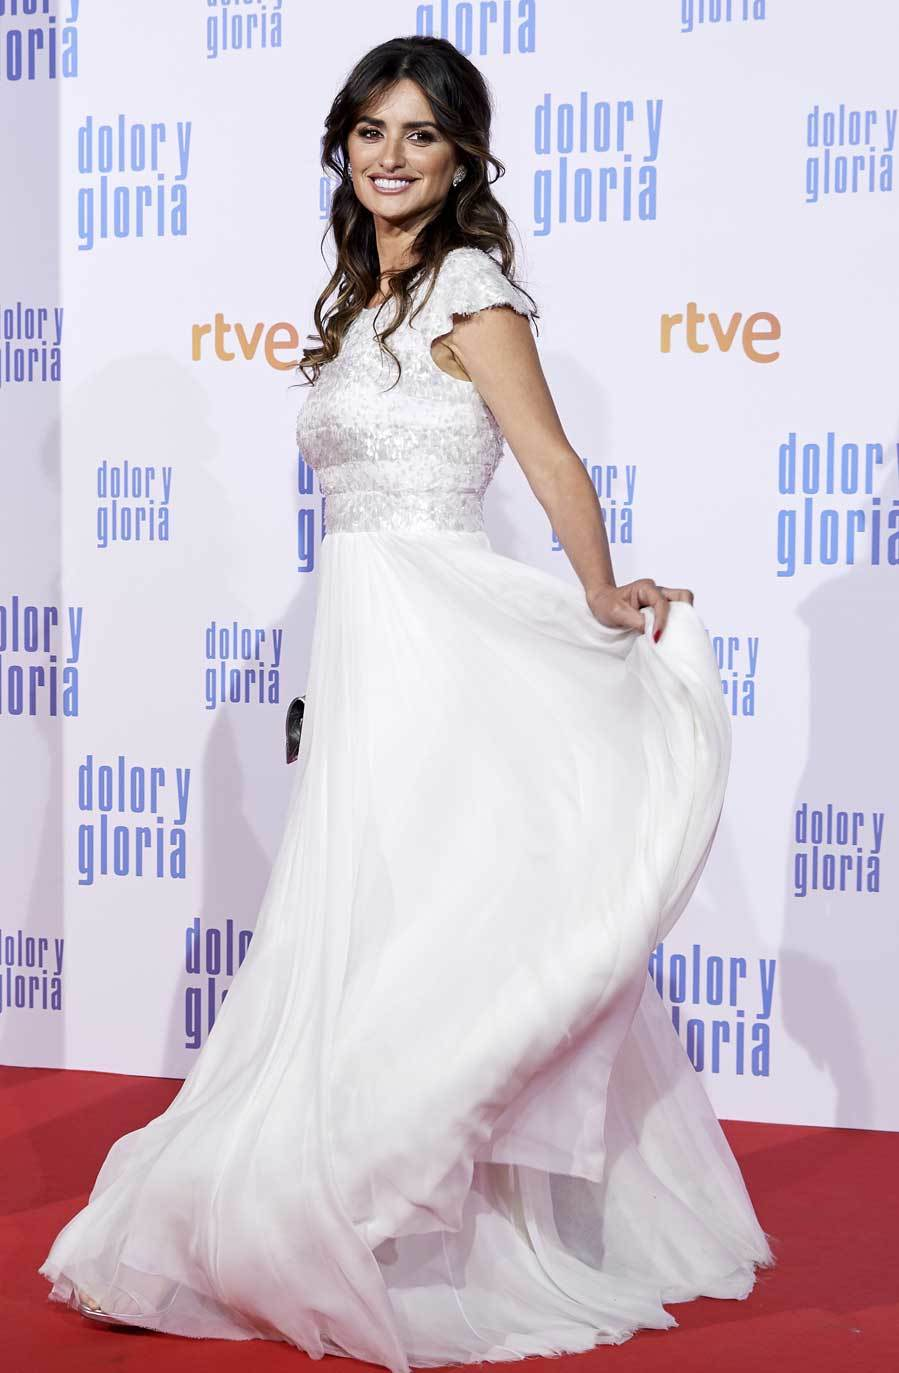 Penélope se vistió de novia, con un vestido blanco de <strong>Chanel </strong>Alta Costura, para el estreno de la película que protagoniza. El diseño destaca por la falda de gasa y el cuerpo, de manga corta, con bordados de pailletes. Un bolso acolchado, también de Chanel, y pendientes de Atelier Swarovski, completaron el estilismo.